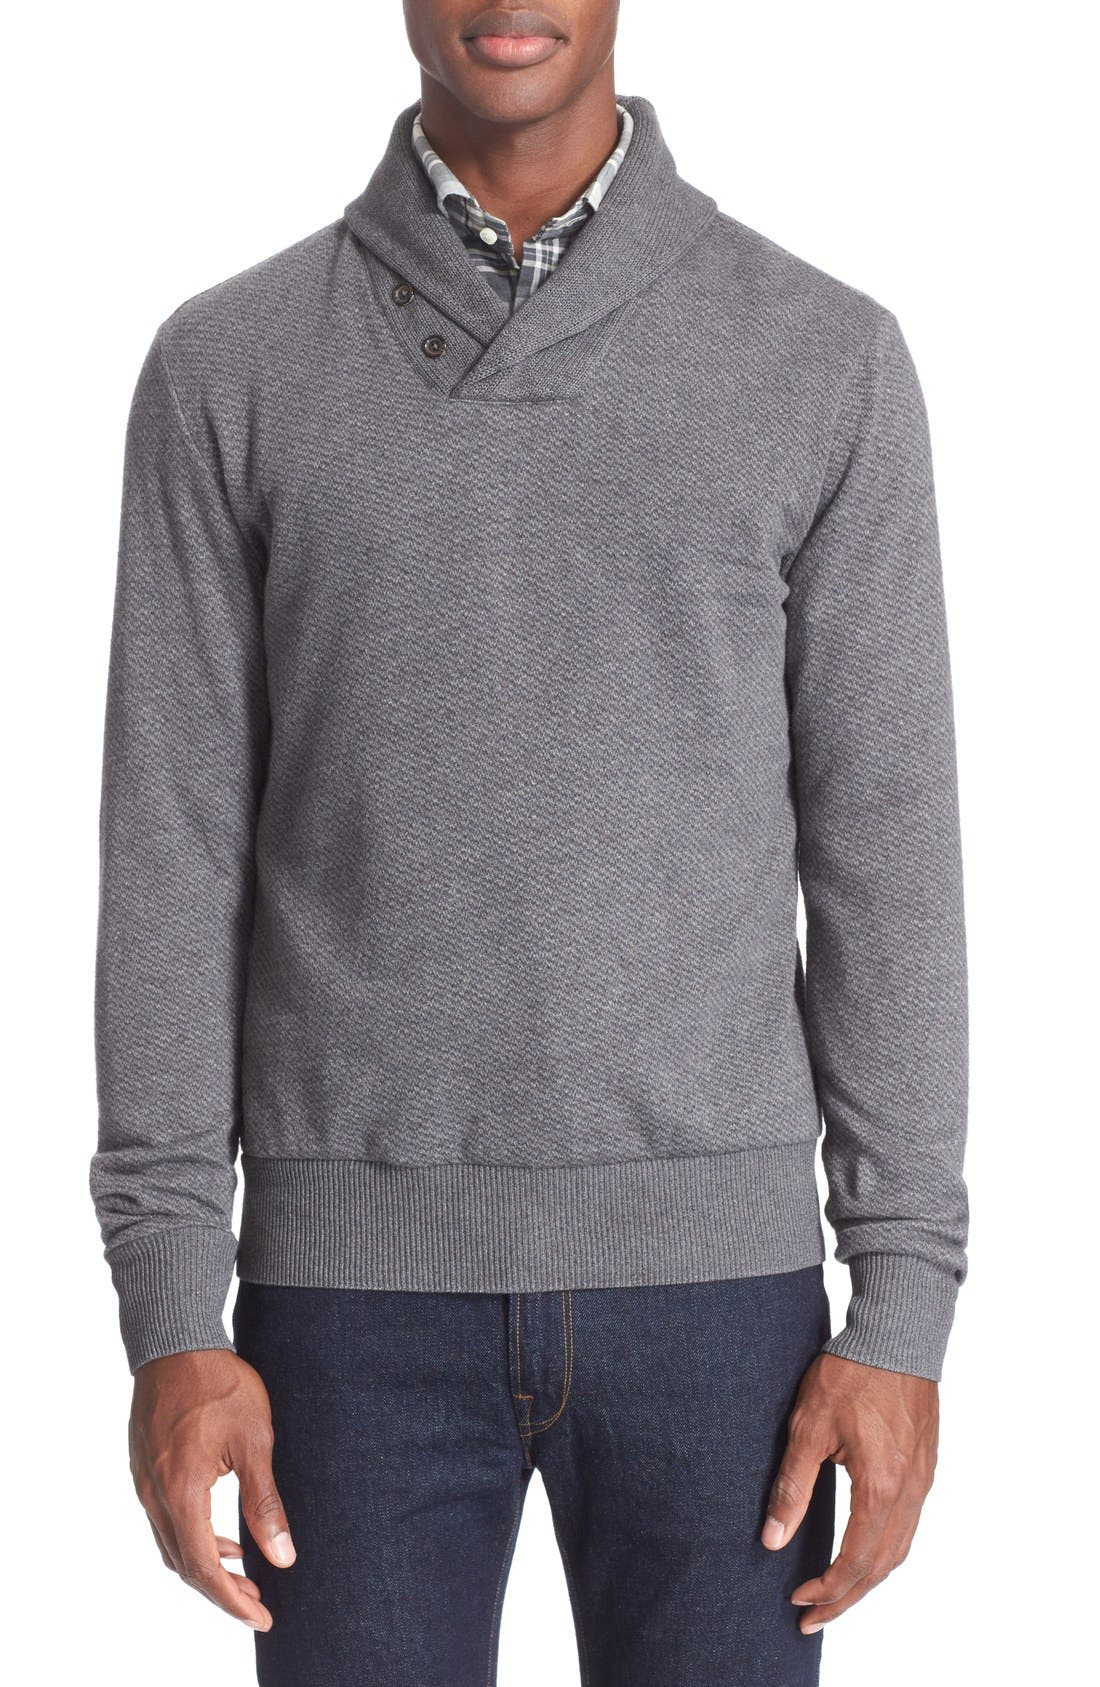 POLO RALPH LAUREN Shawl Collar Sweater, Main, color, 020